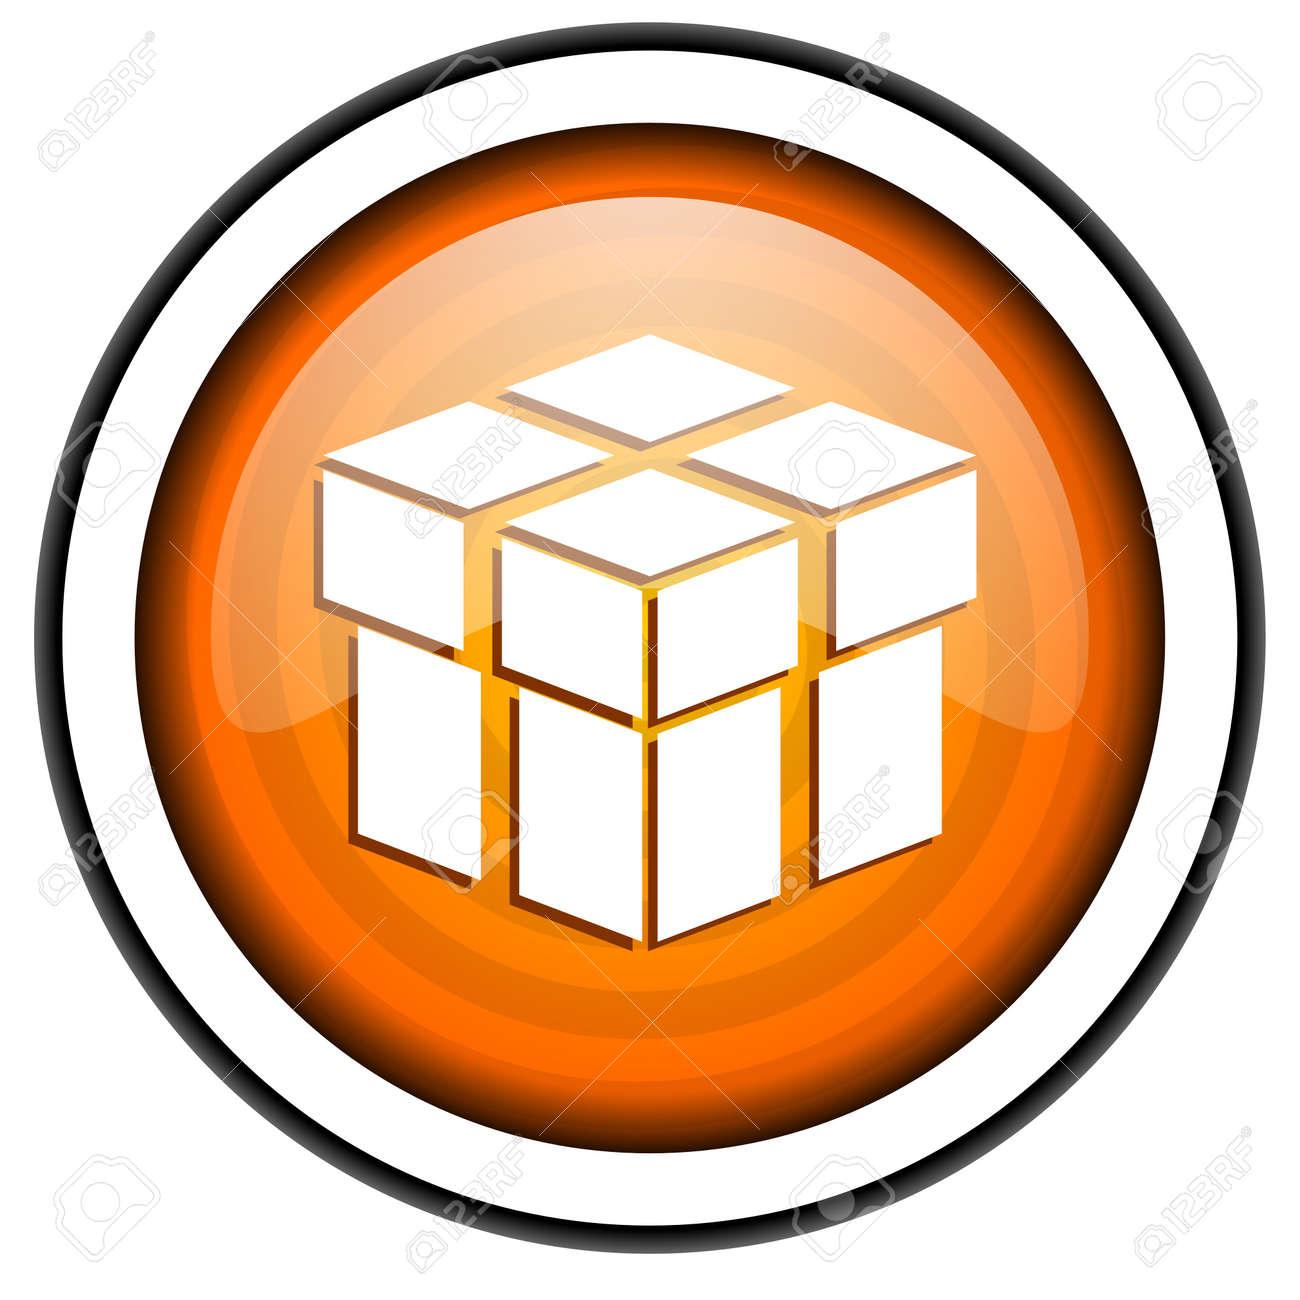 box orange glossy icon isolated on white background Stock Photo - 17067092